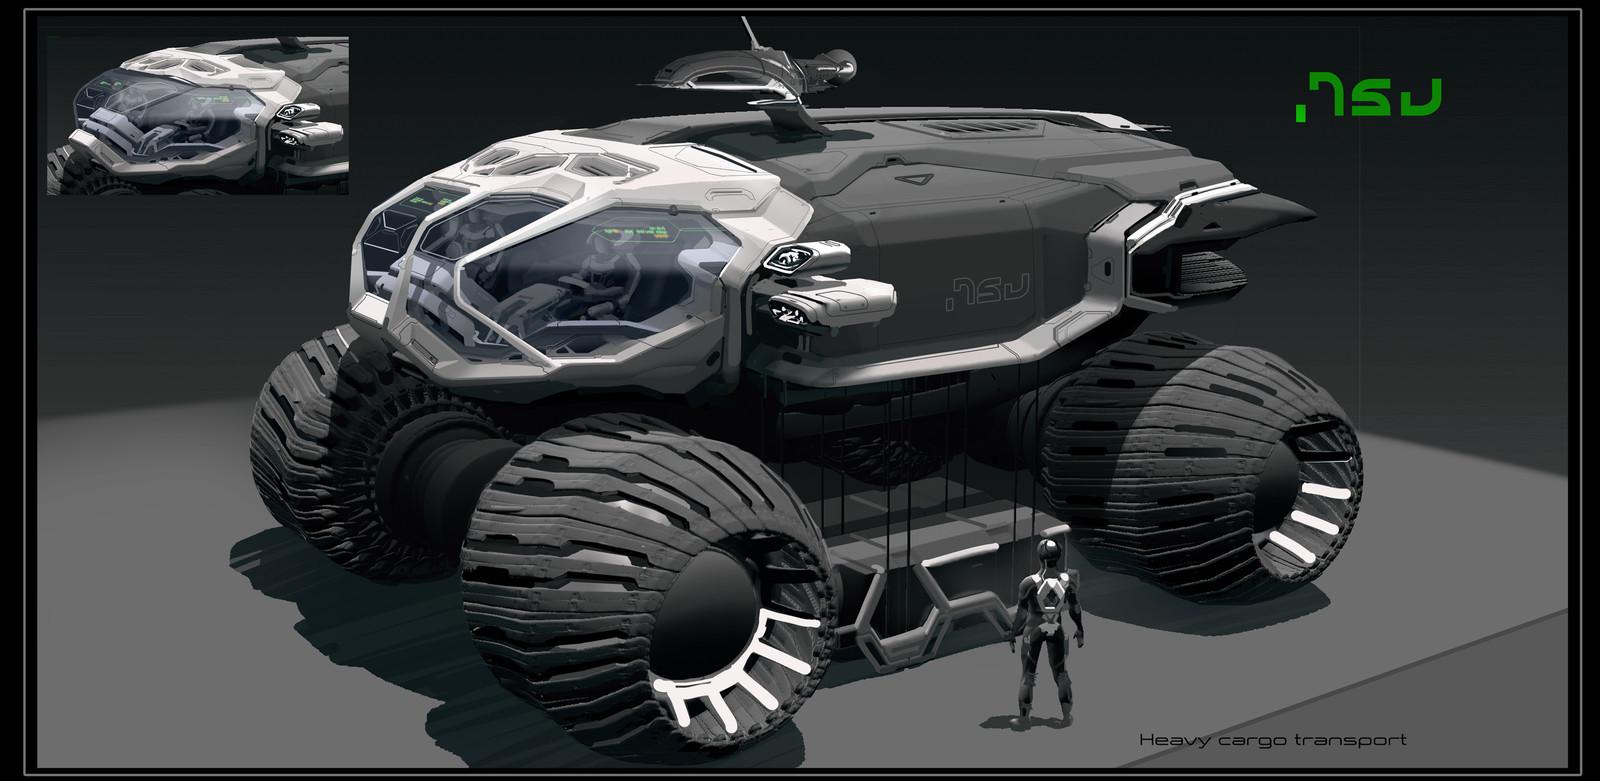 Cargo rover designs